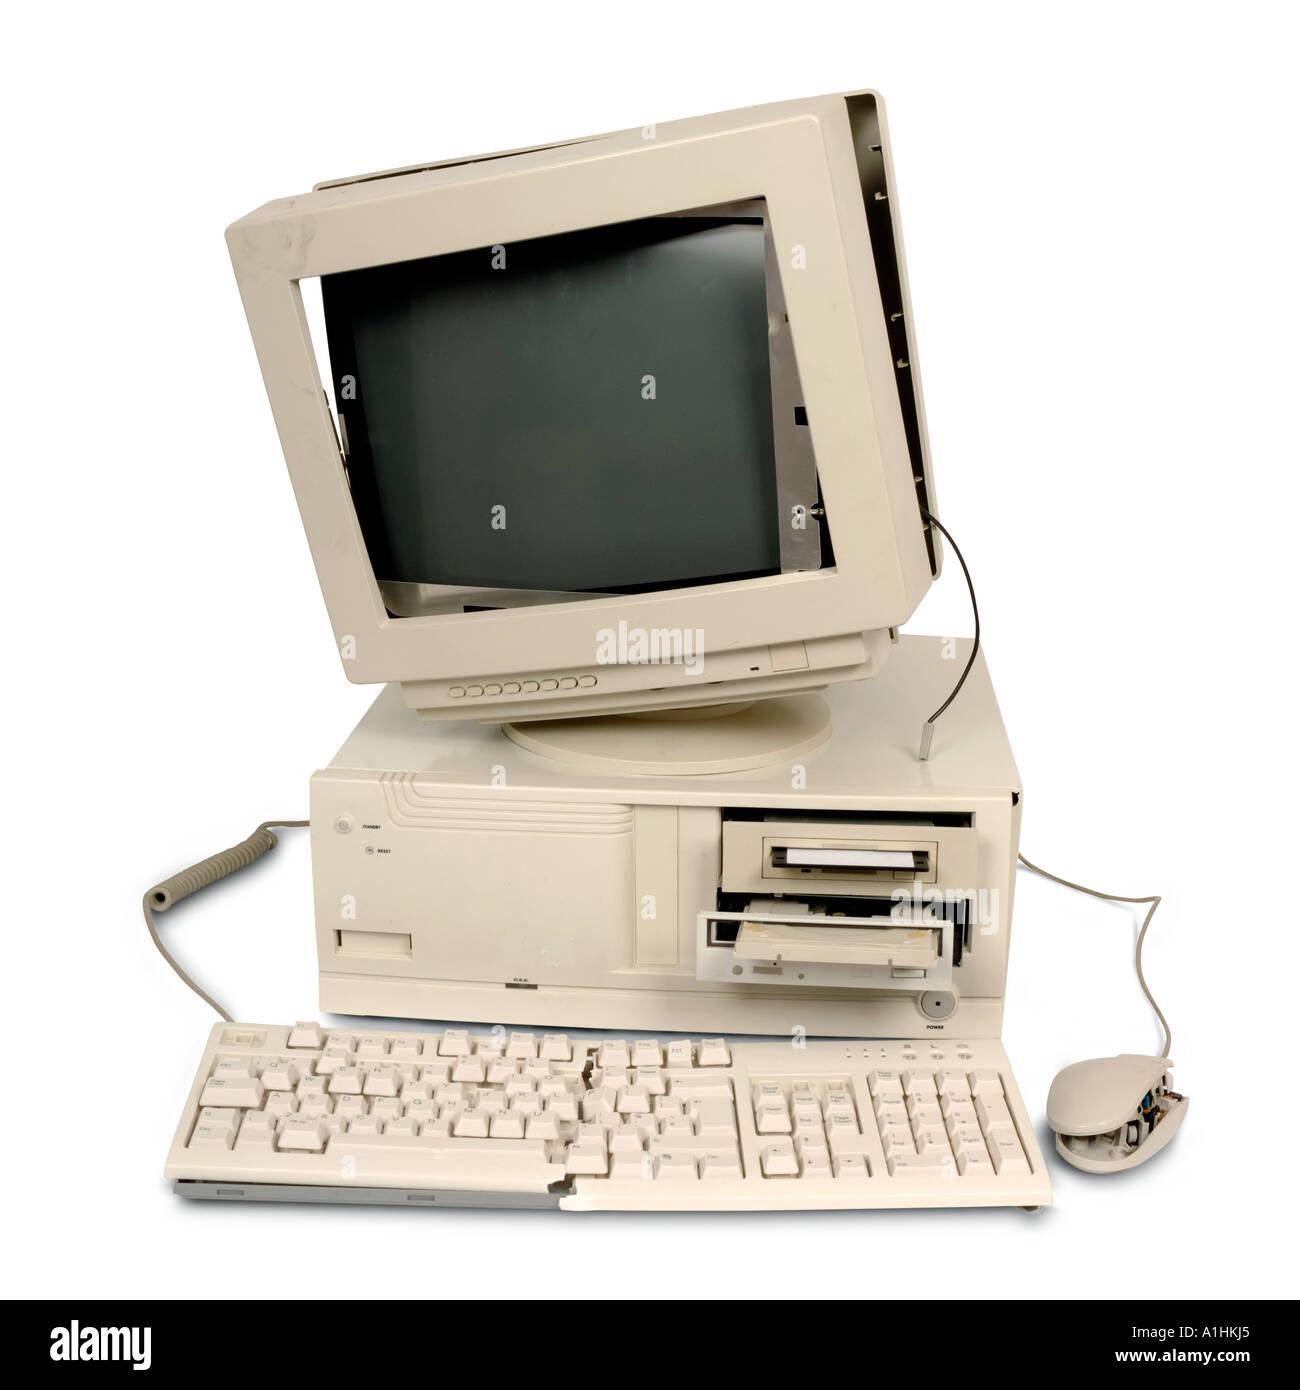 Old broken computer - Stock Image